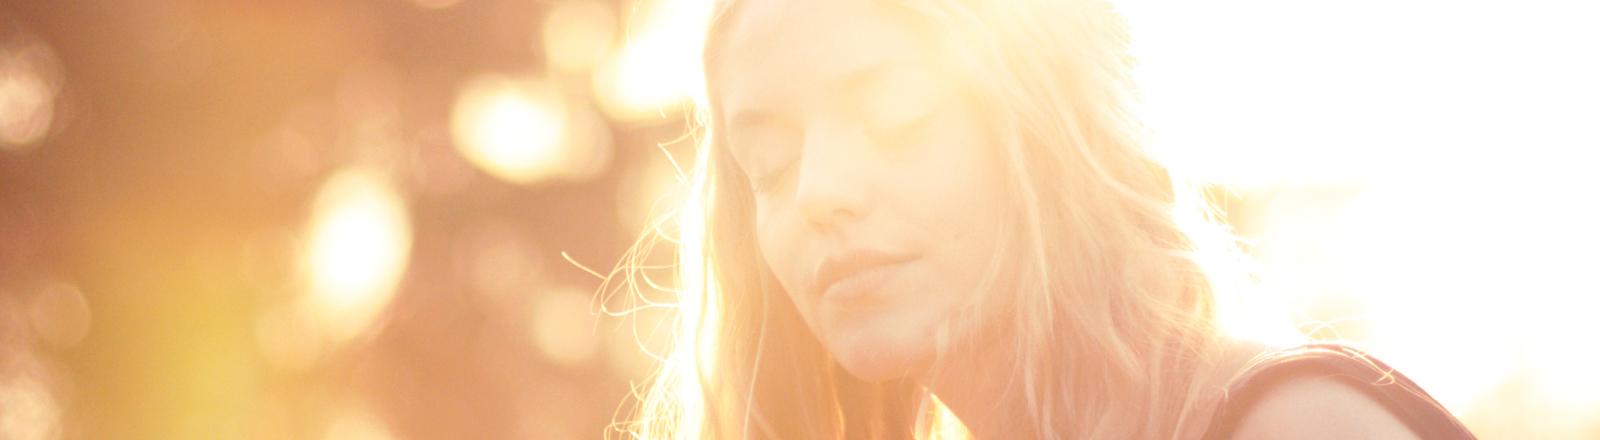 Eine Frau schließt verträumt die Augen, während sie in gleißenden Sonnenlicht sitzt.